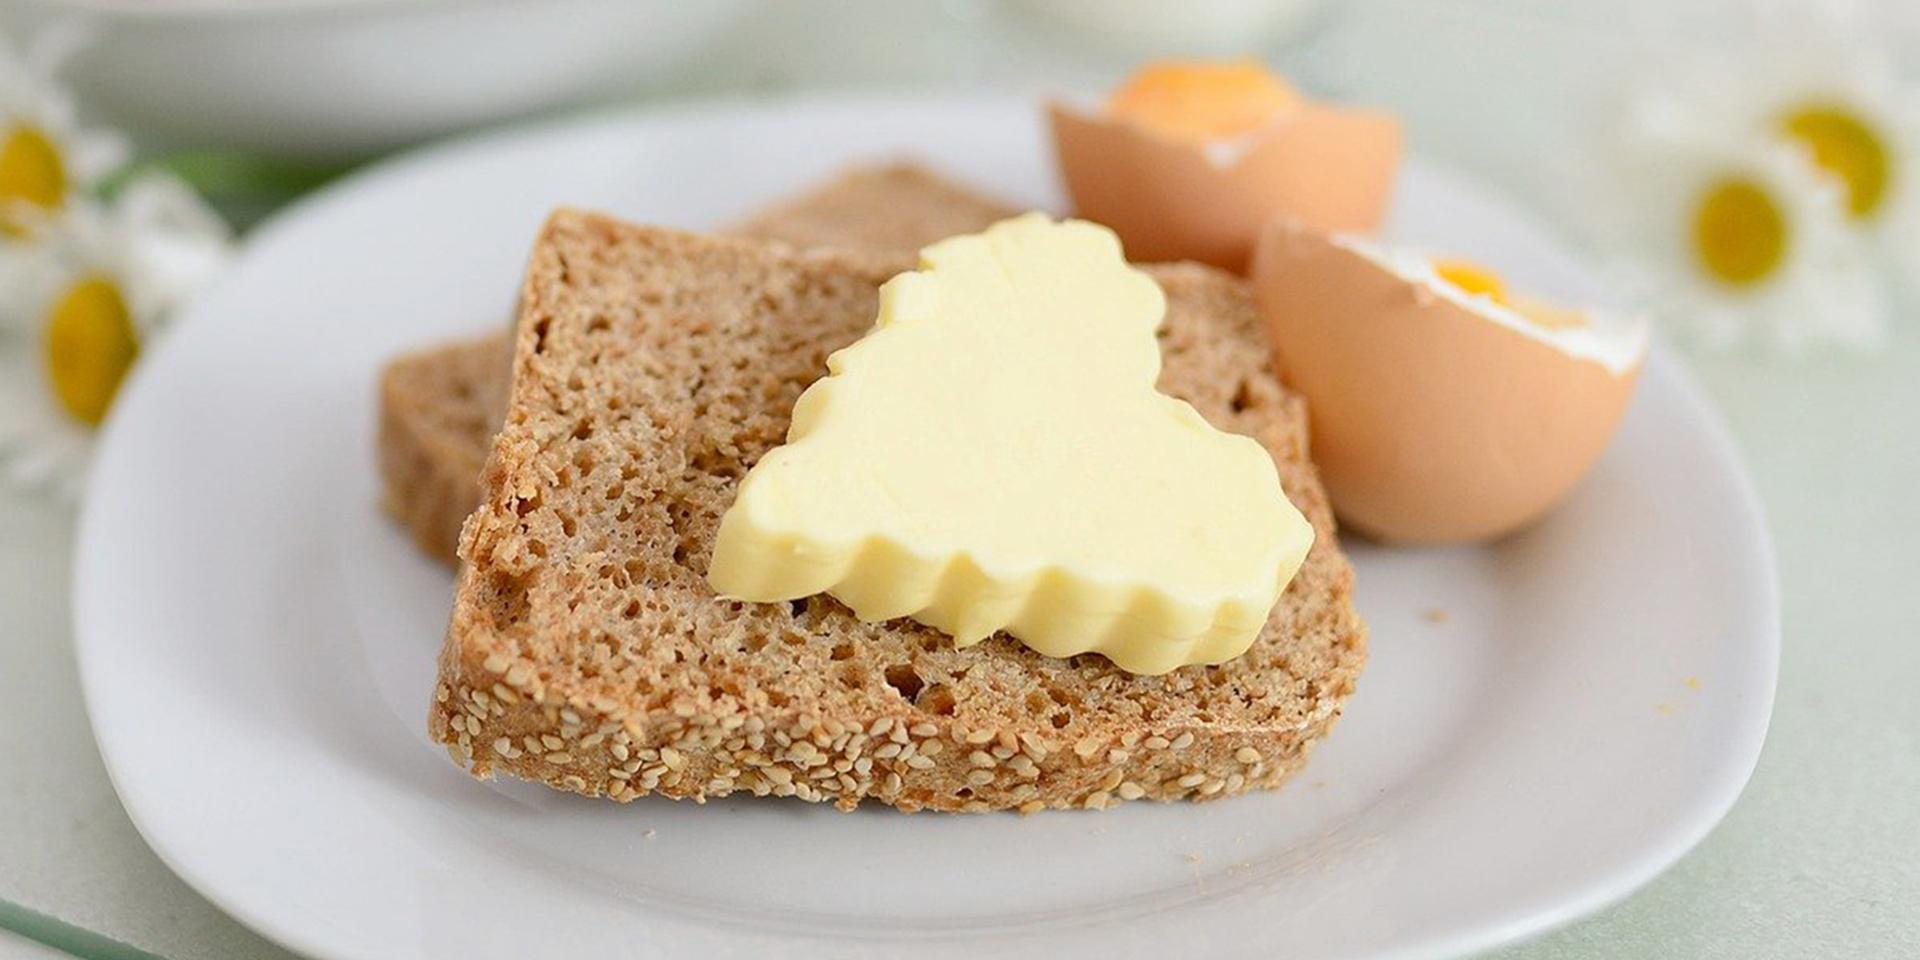 Brot, ein Stück Butter in Herzform und ein gekochtes Ei liebevoll angerichtet ,© pixabay/congerdesign